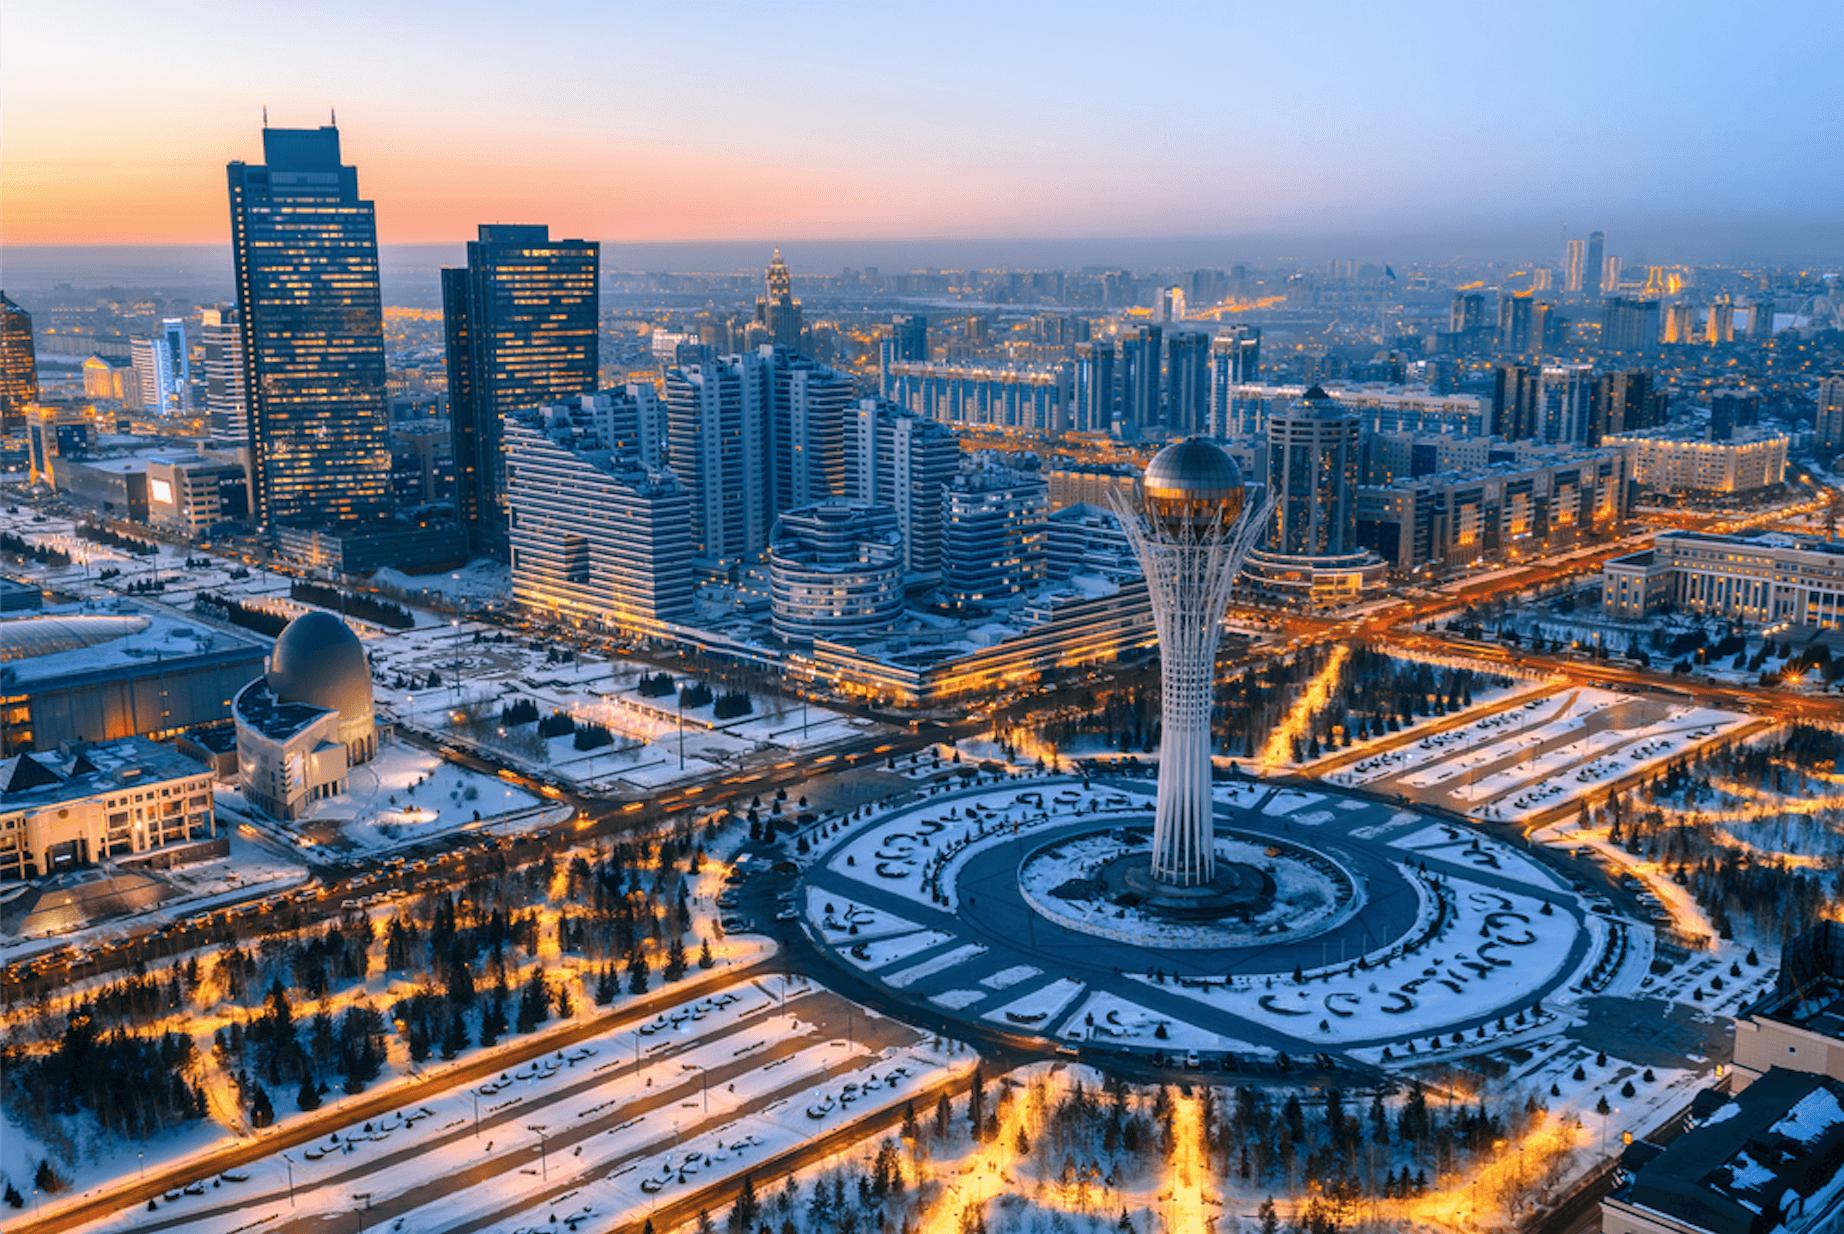 Biennale di Venezia 2019. Cancellato il padiglione Kazakistan